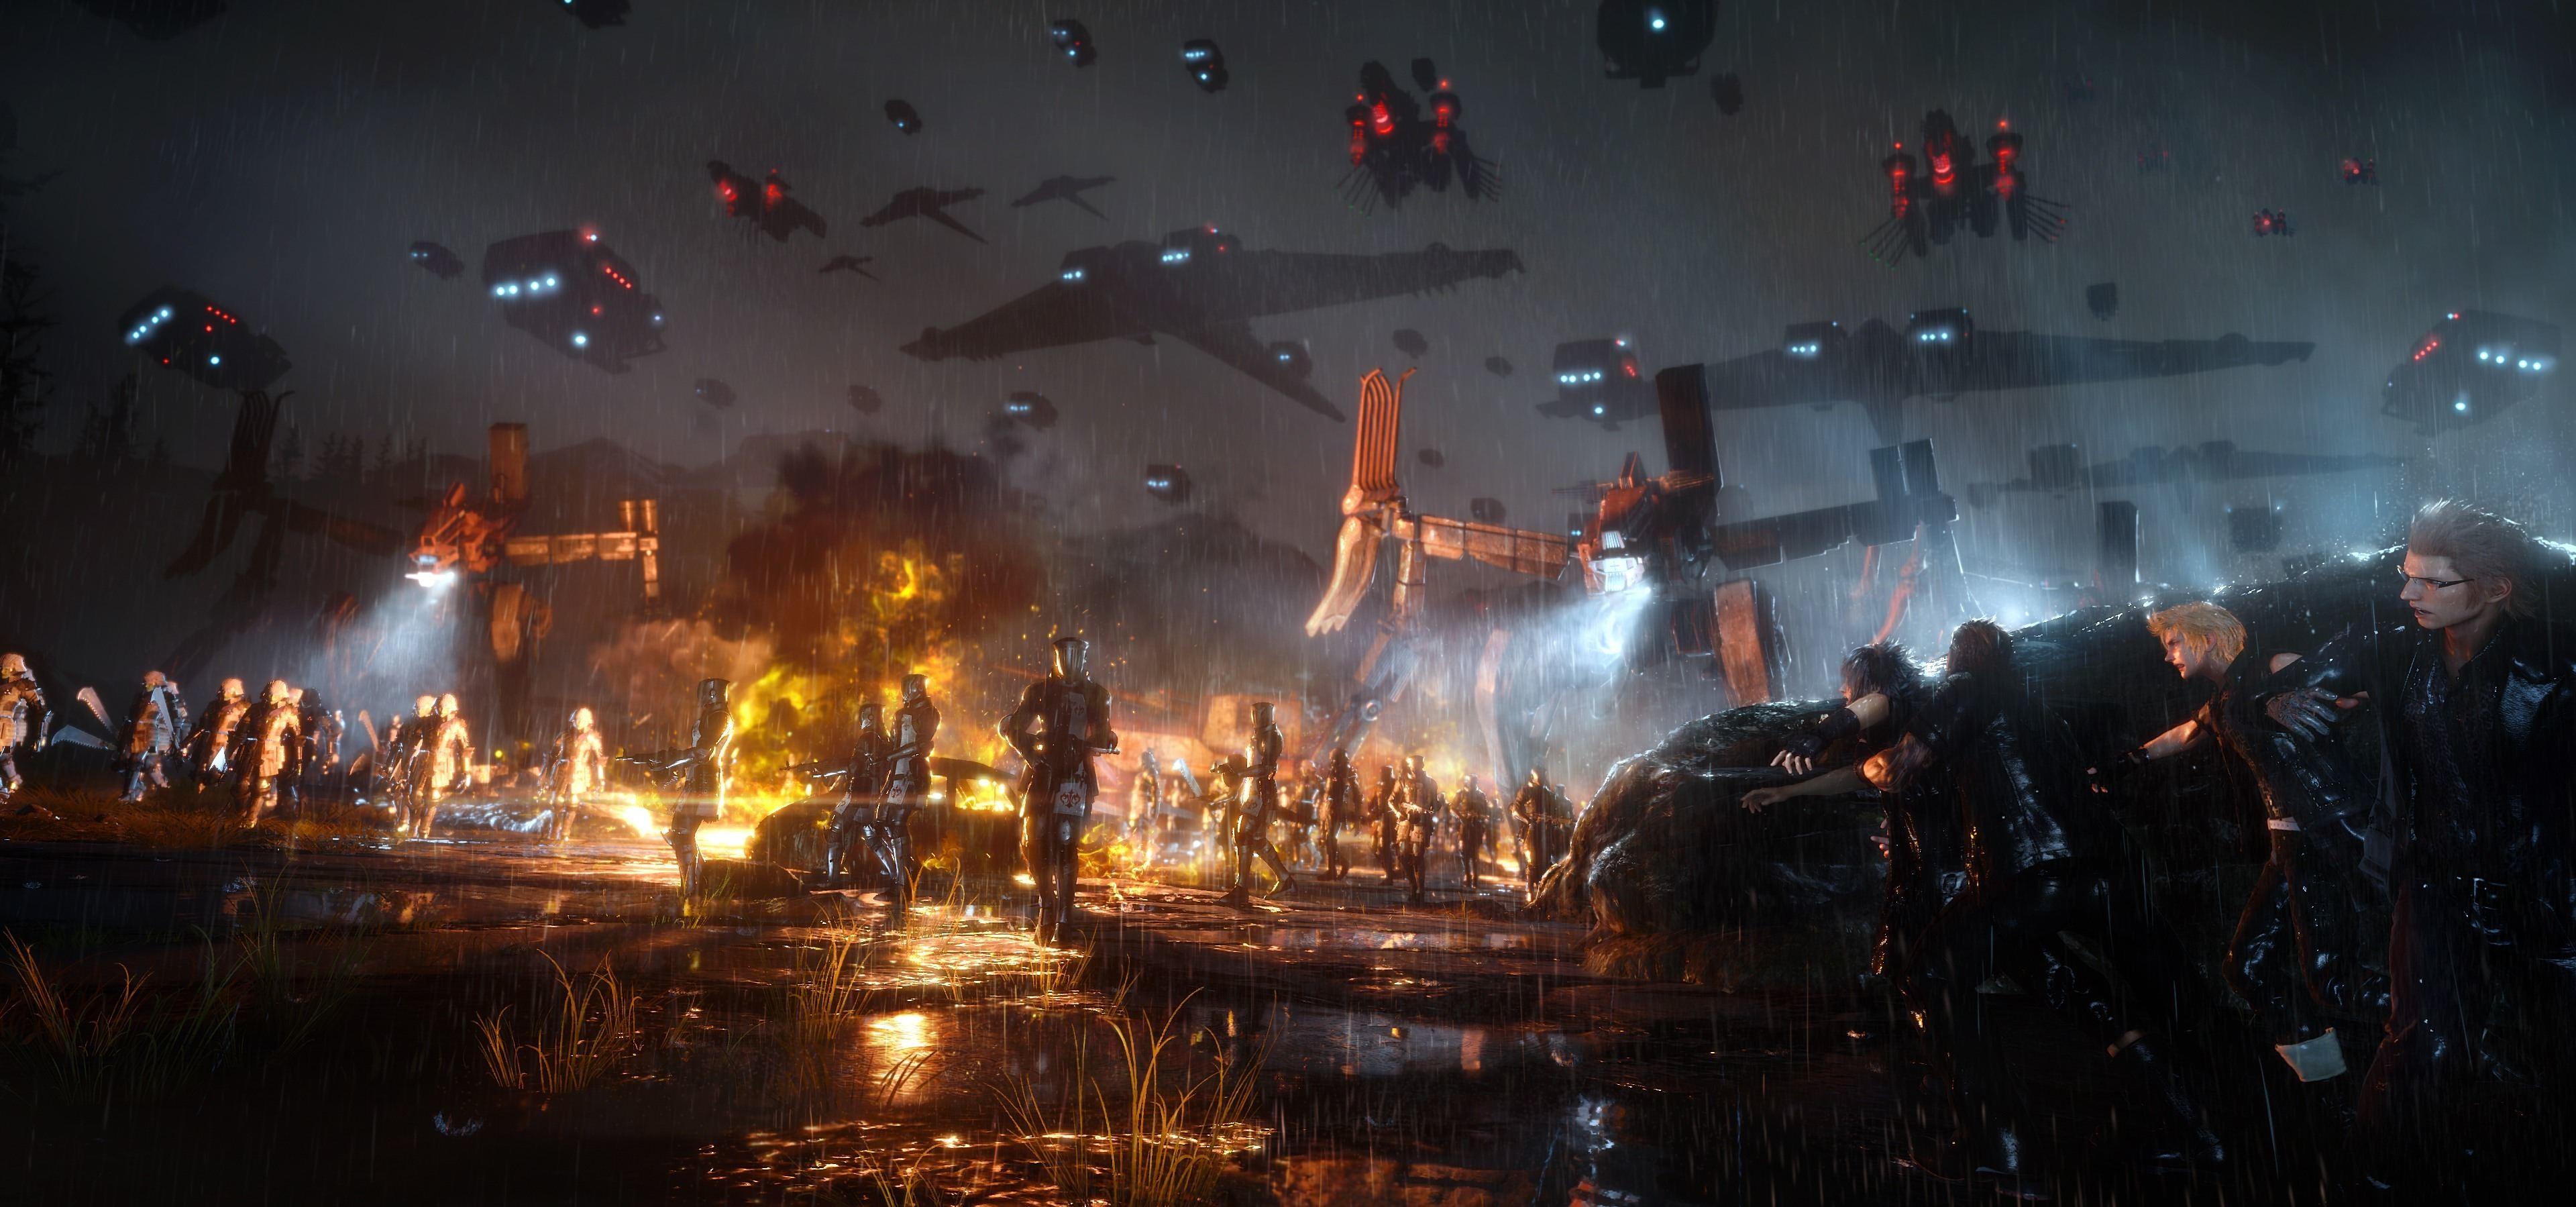 Video Game – Final Fantasy XV Gladiolus Amicitia Ignis Scientia Prompto  Argentum Noctis Lucis Caelum Wallpaper